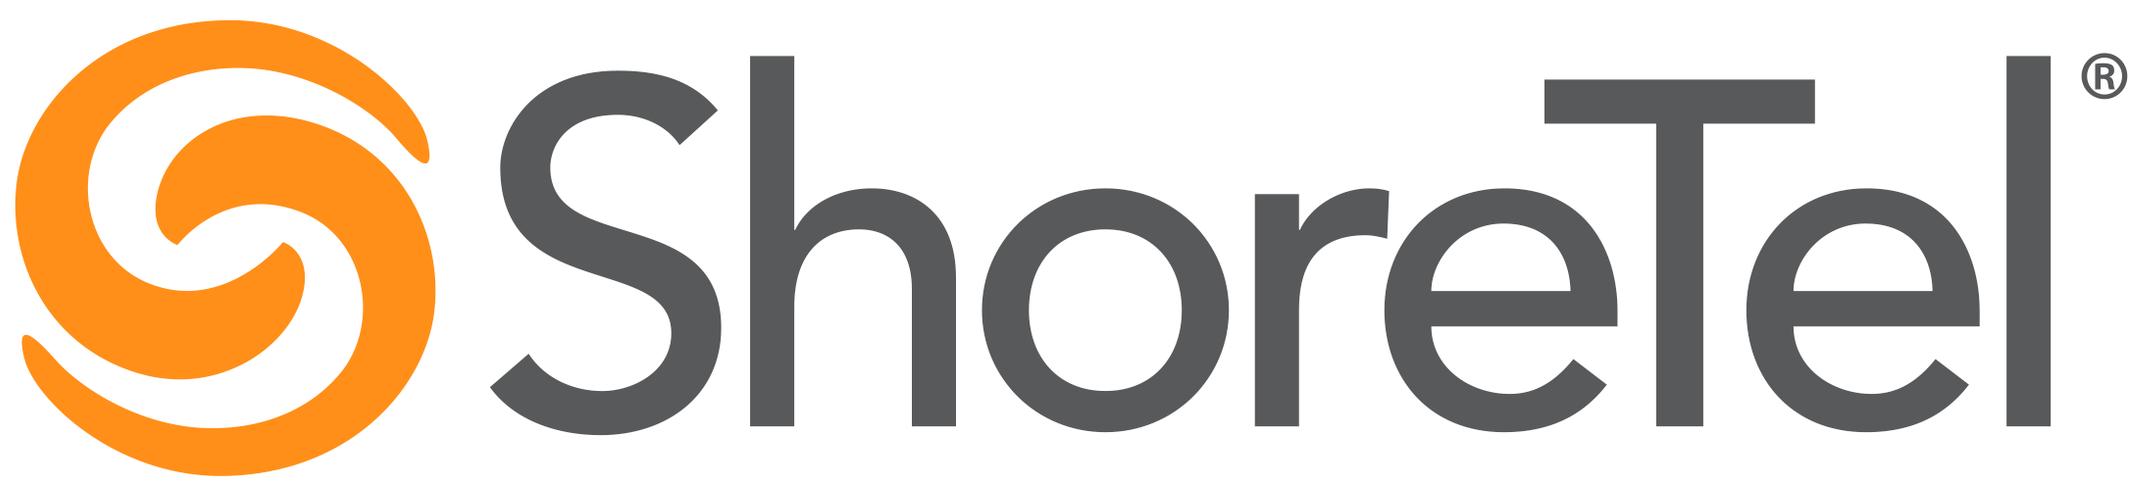 Learn more about ShoreTel VoIP solutions at  ShoreTel.com .